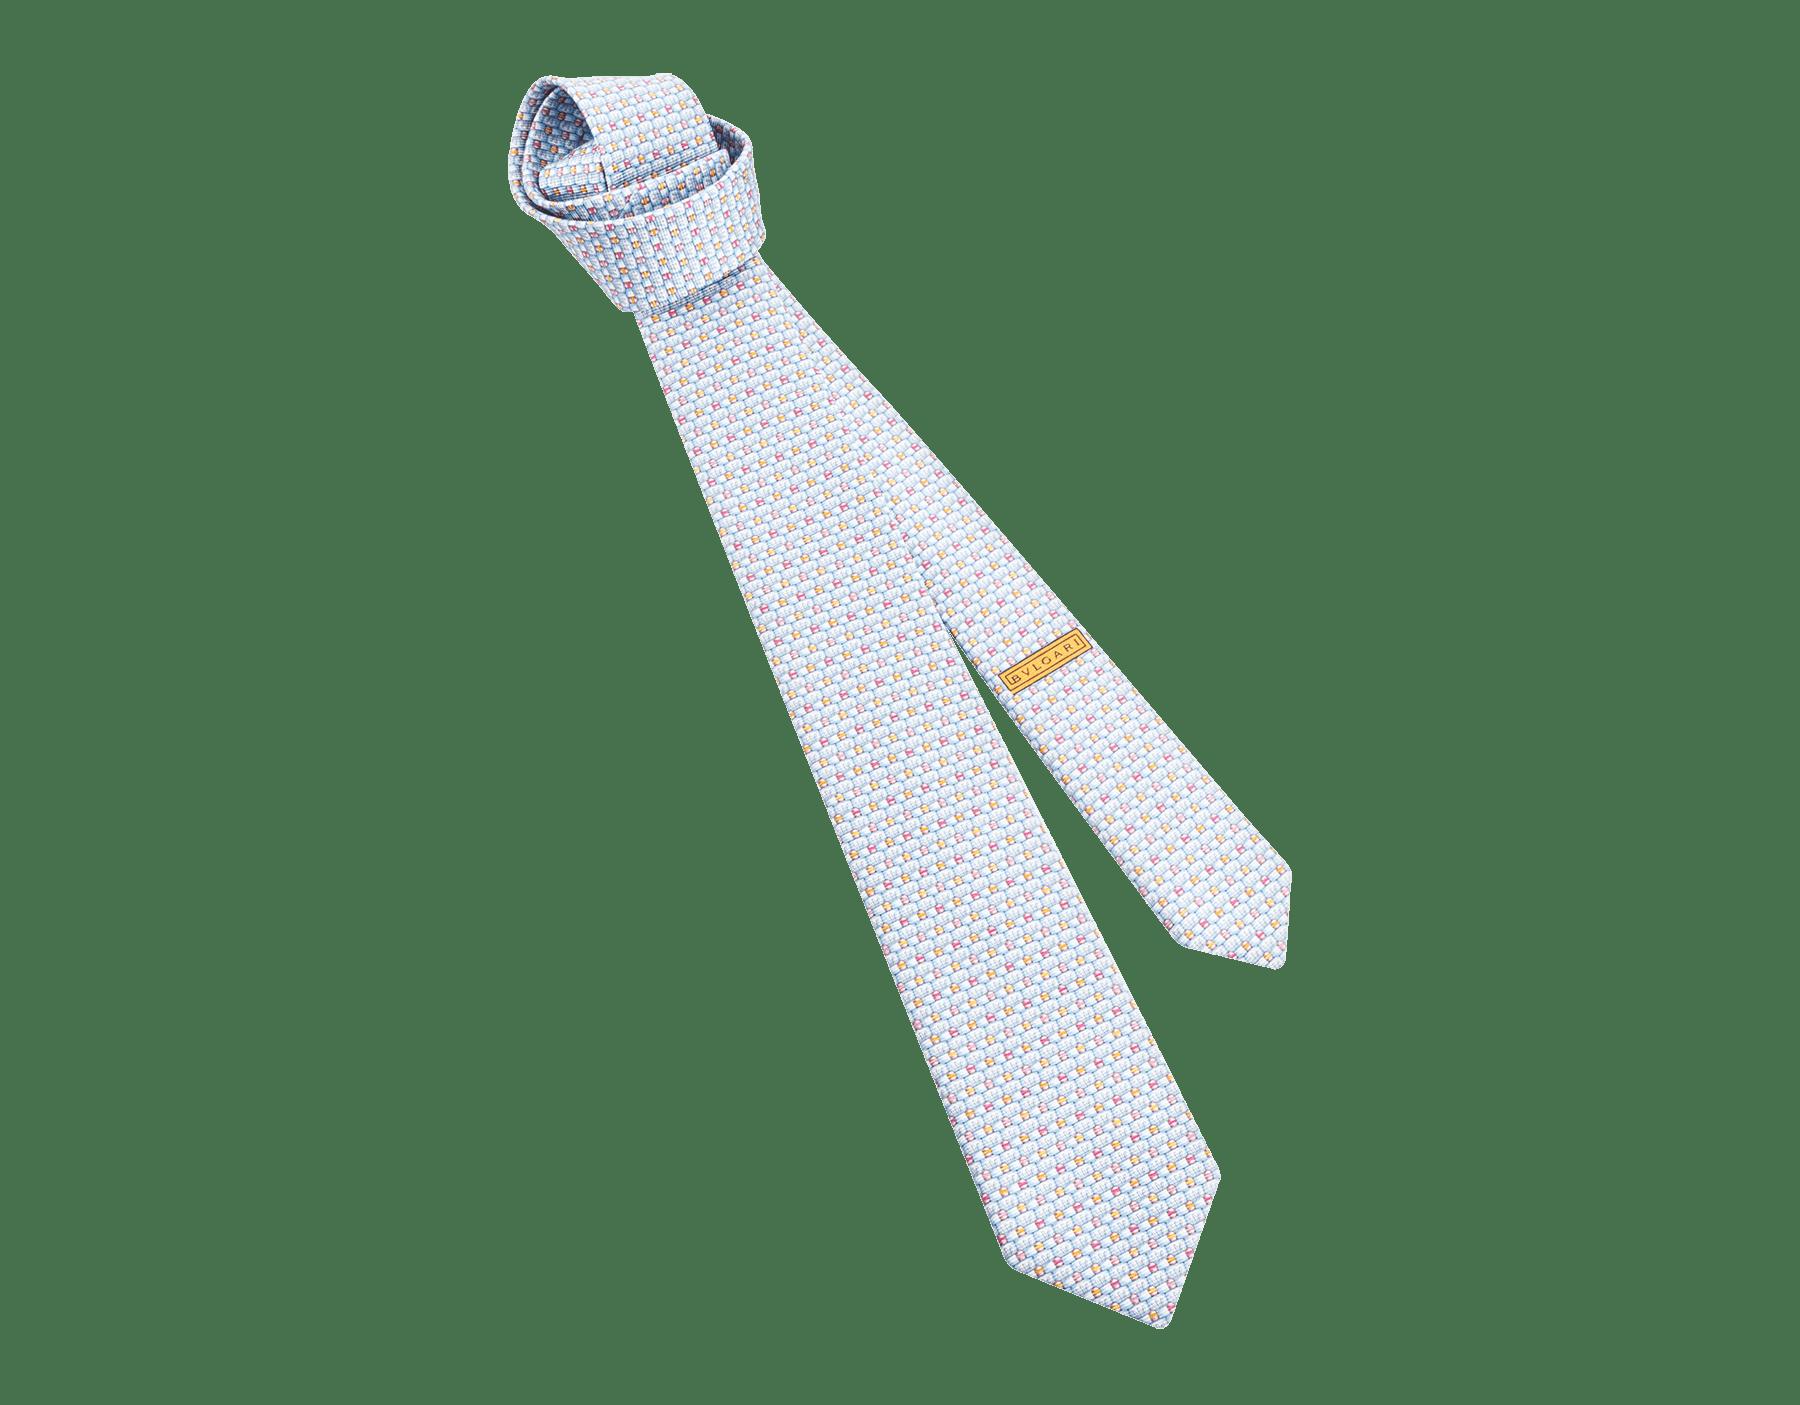 Cravate sept plis Bvlgari Chef bleu clair en fine serge de soie imprimée. 244082 image 1